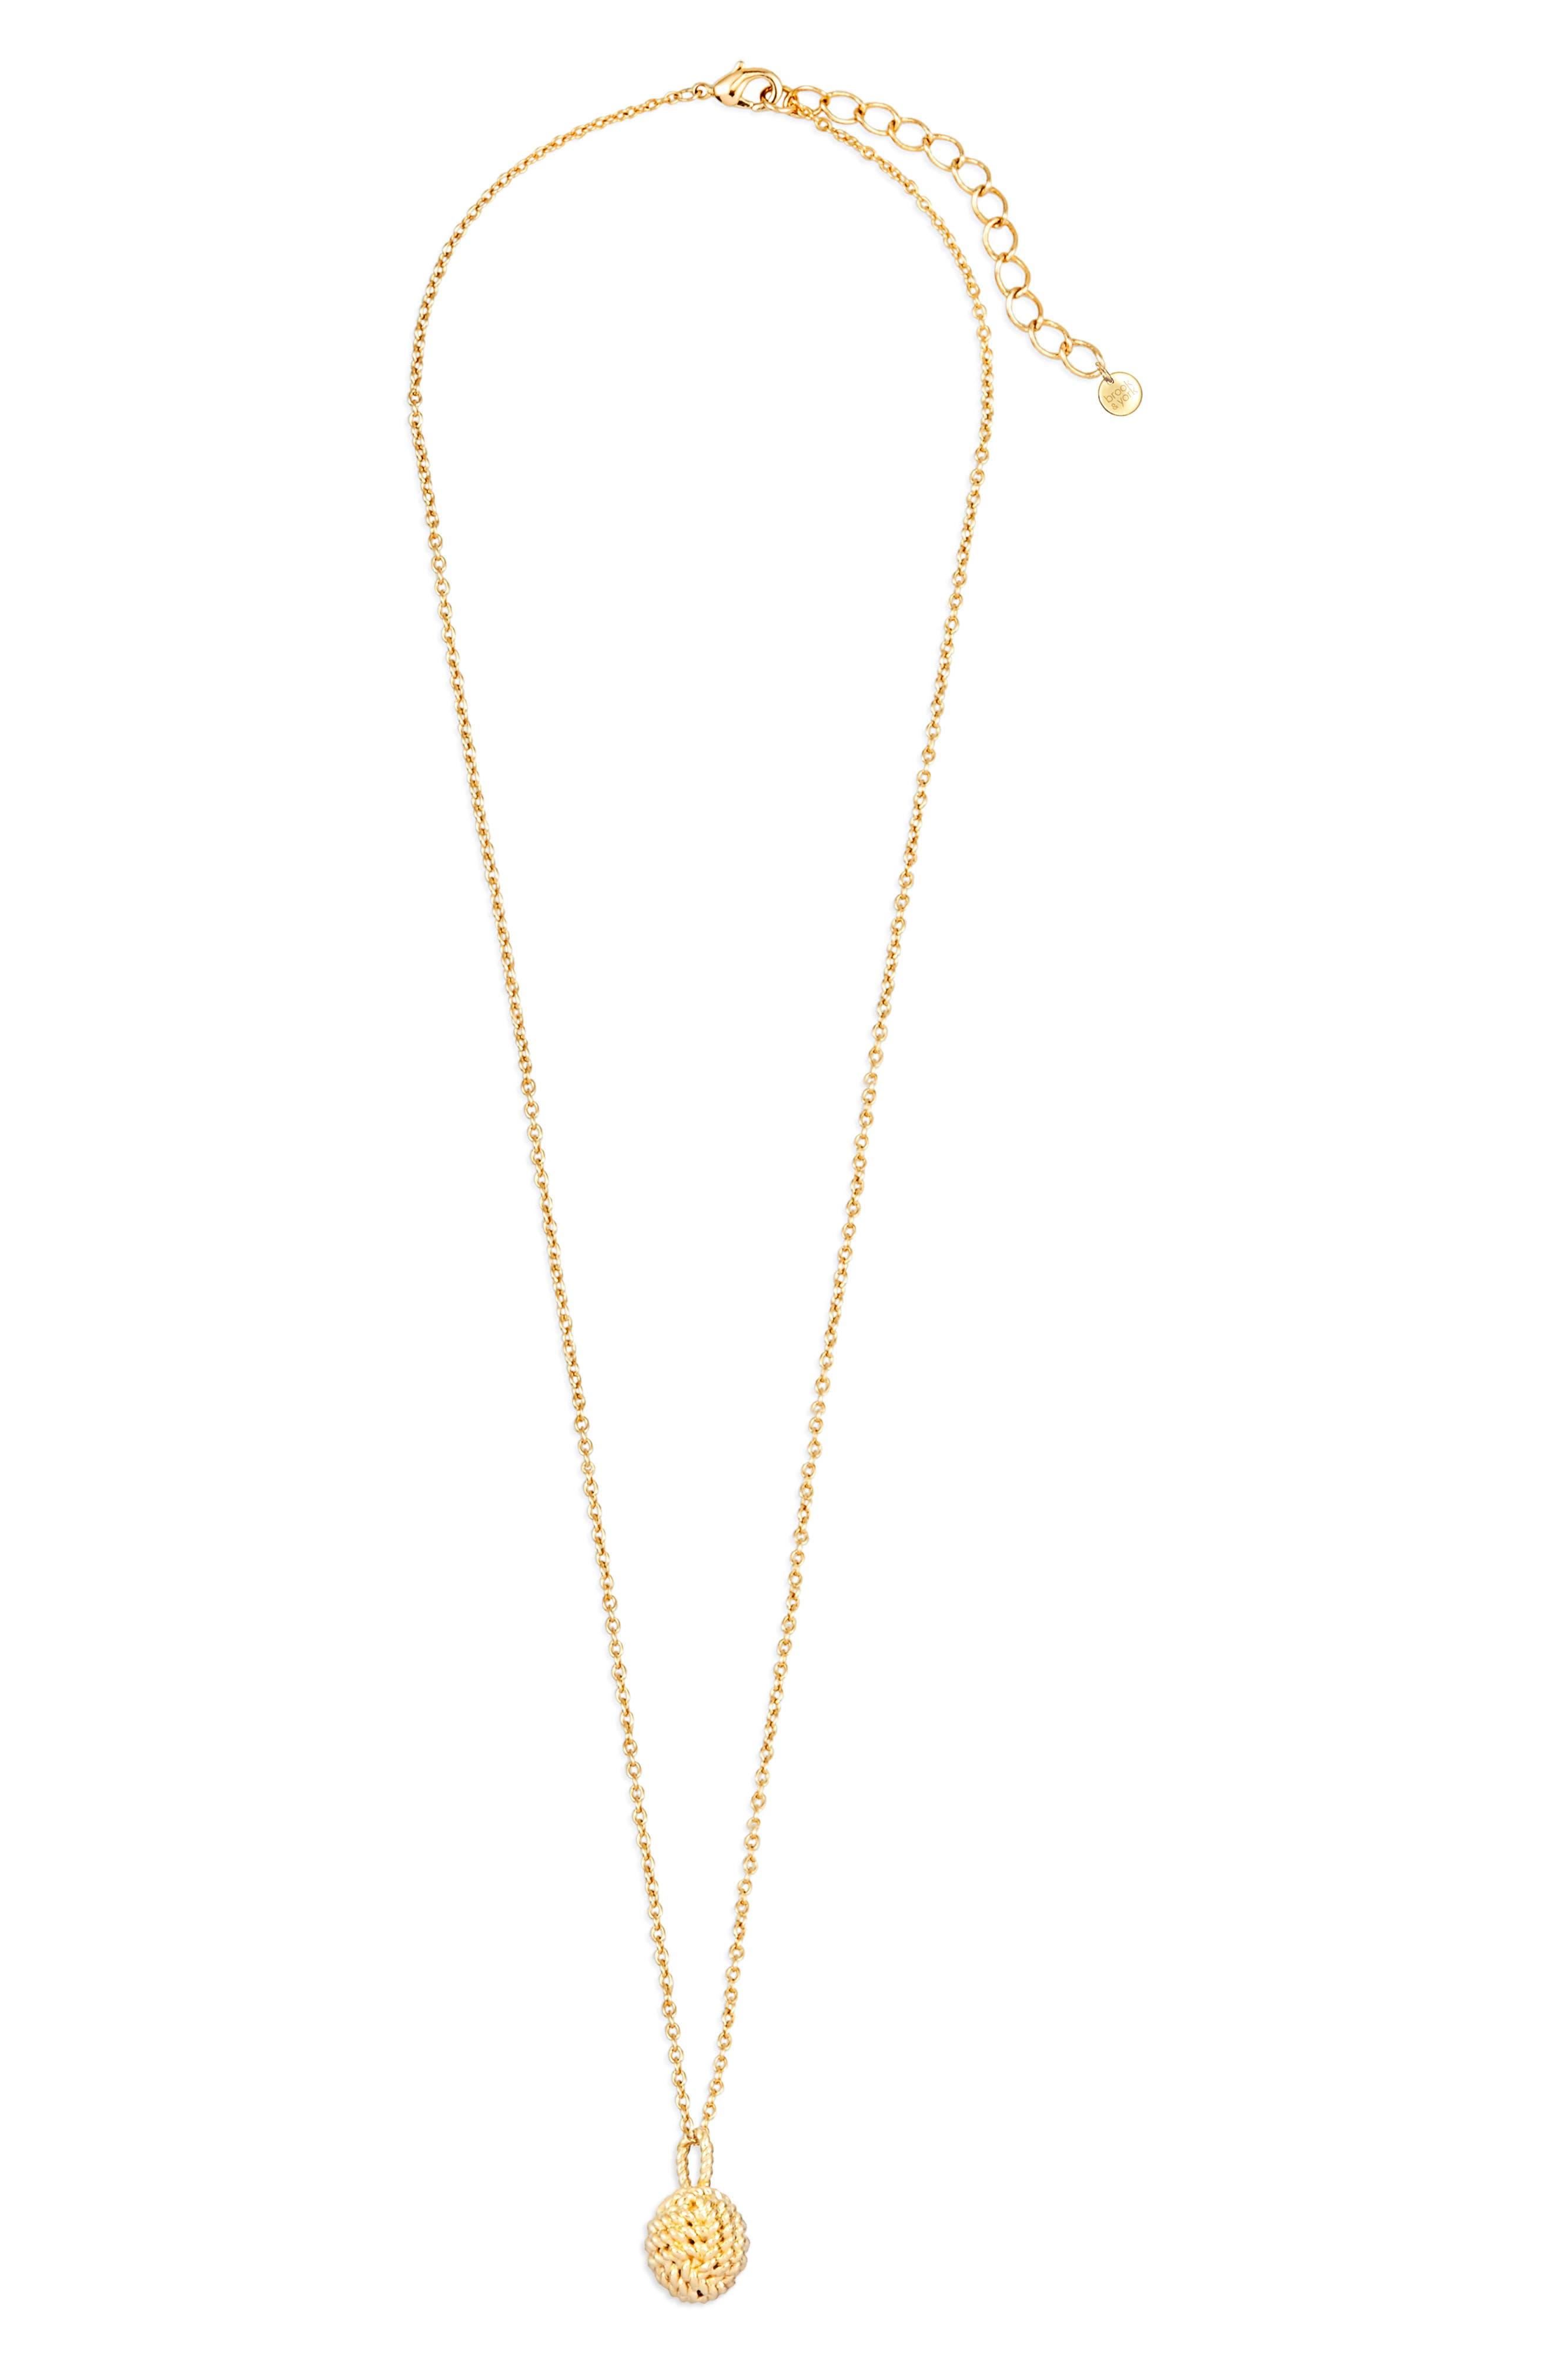 Parker Knot Pendant Necklace